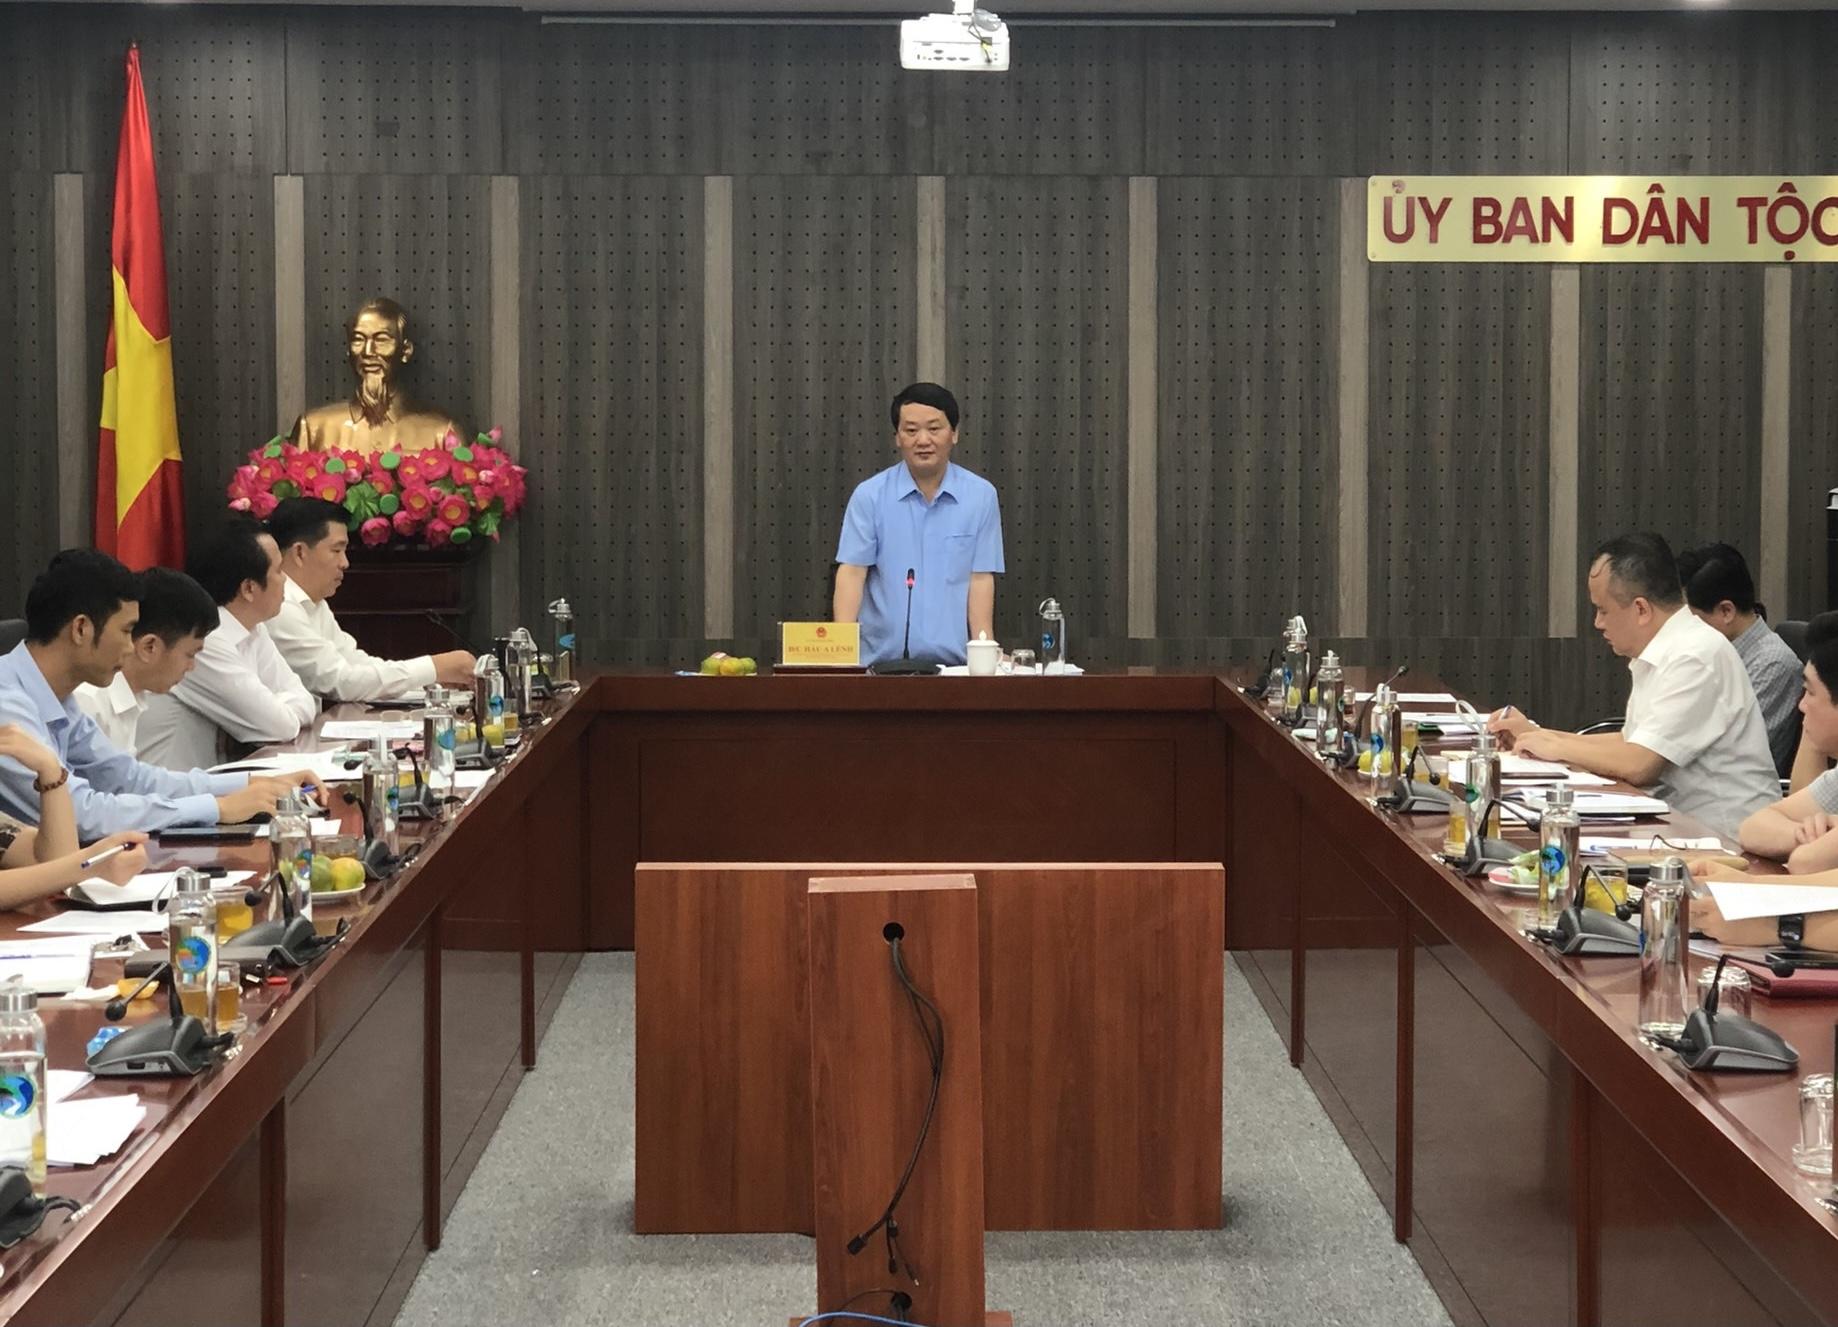 Bộ trưởng, Chủ nhiệm Hầu A Lềnh phát biểu chỉ đạo tại buổi làm việc